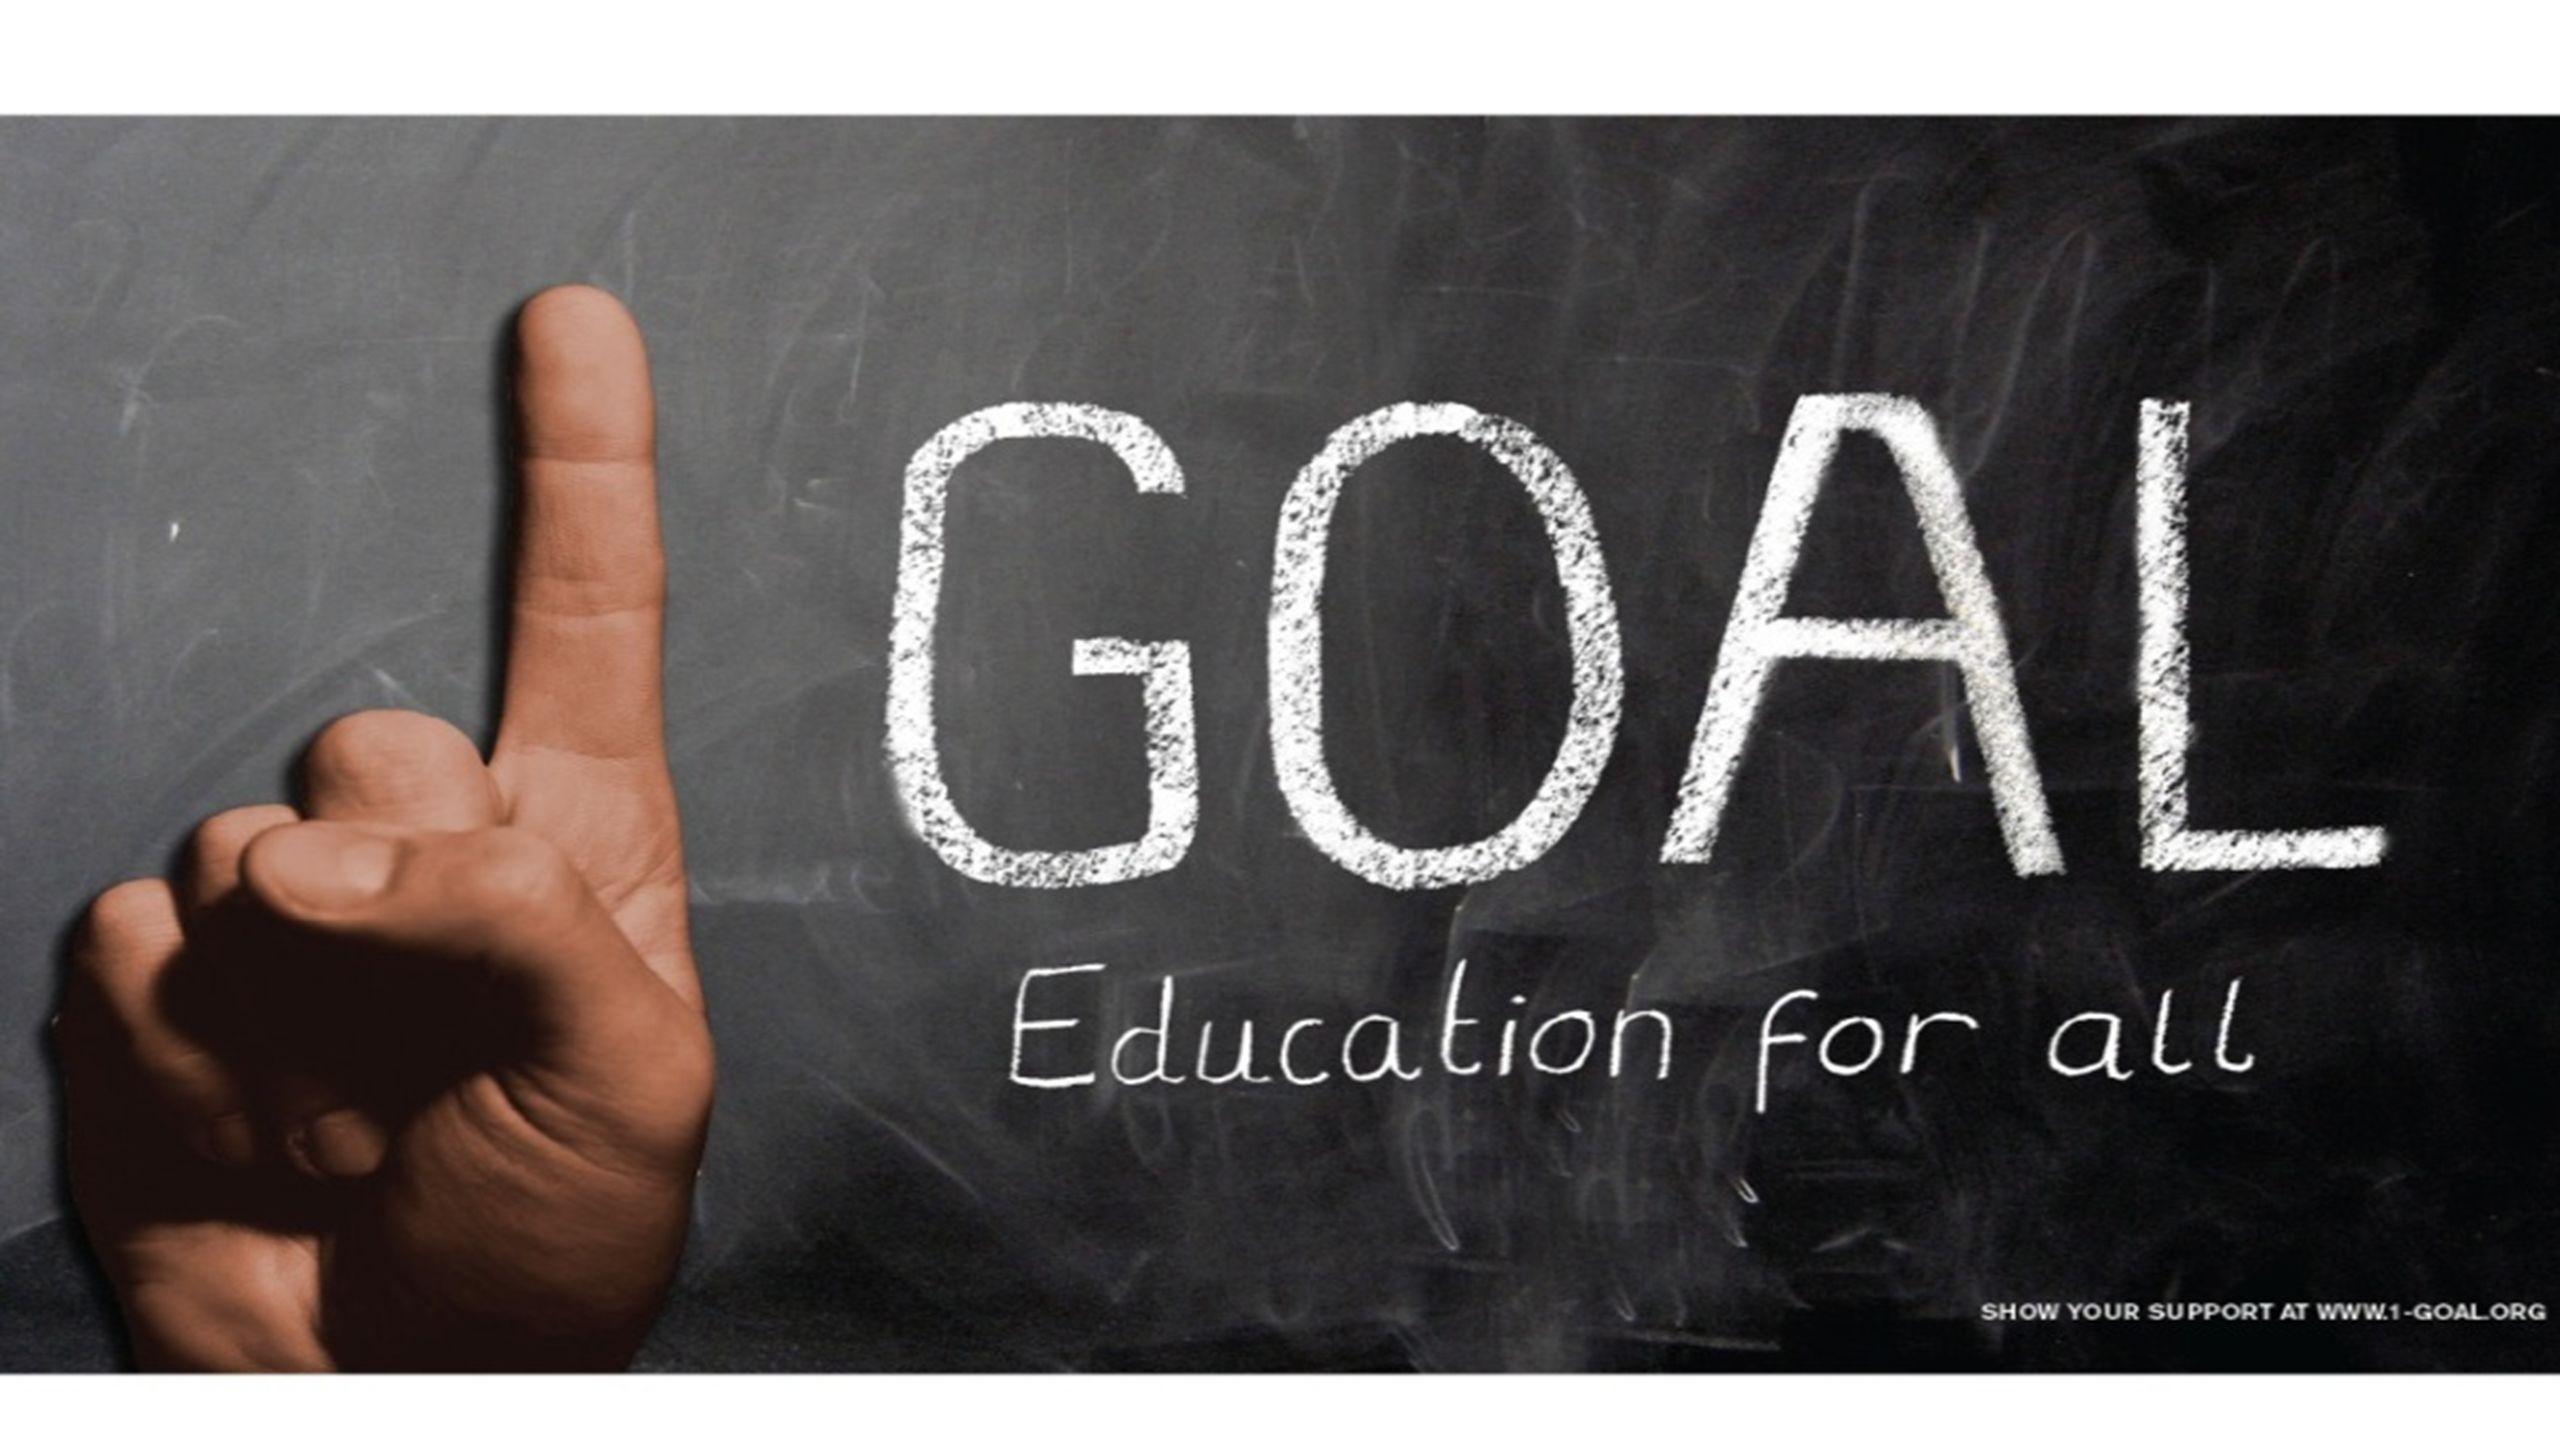 La CME y la Clase de 2015 * 1 GOL forma parte de la iniciativa de la Clase de 2015, que está liderada por la Campaña Mundial por la Educación y cuenta con el apoyo de personas influyentes, organizaciones benéficas, sindicatos de docentes, grupos religiosos, empresas privadas, gobiernos comprometidos y la FIFA.